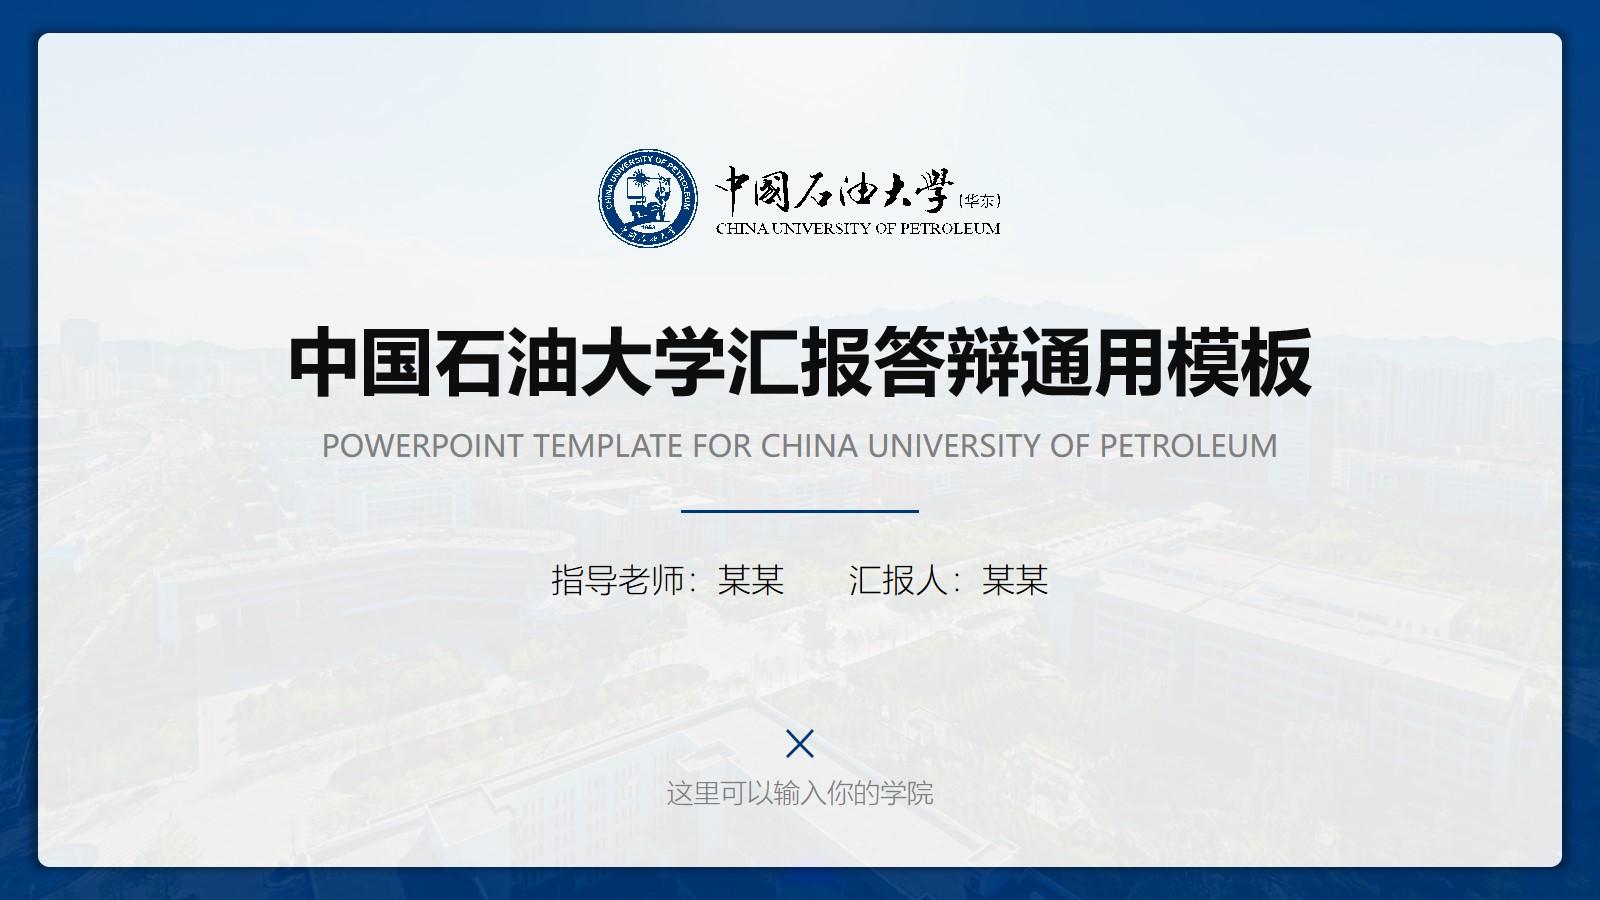 中国石油大学(华东)汇报答辩通用ppt模板